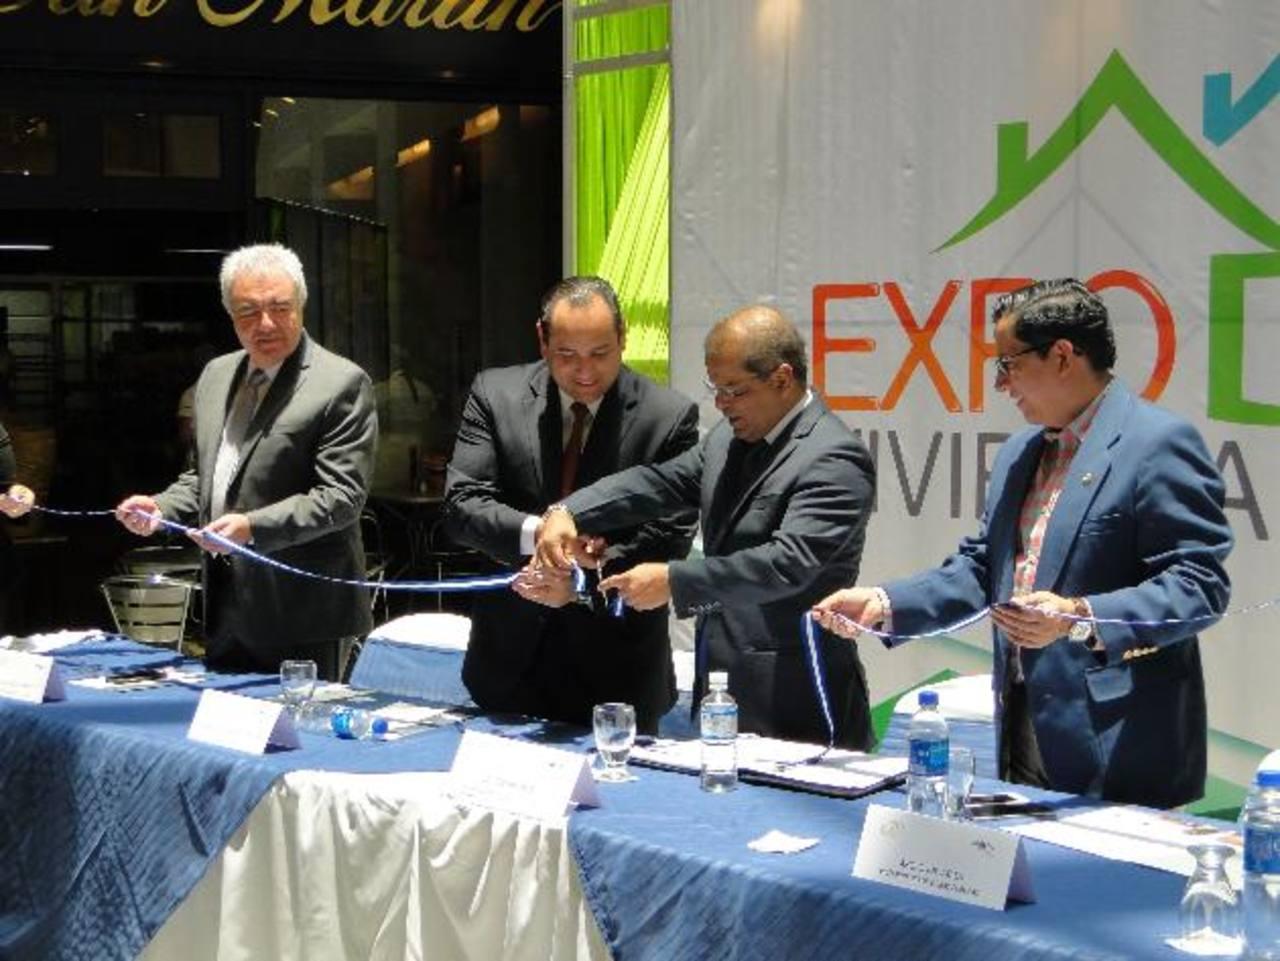 En los últimos tres años se han realizado al menos 7 ediciones de Expovivienda.